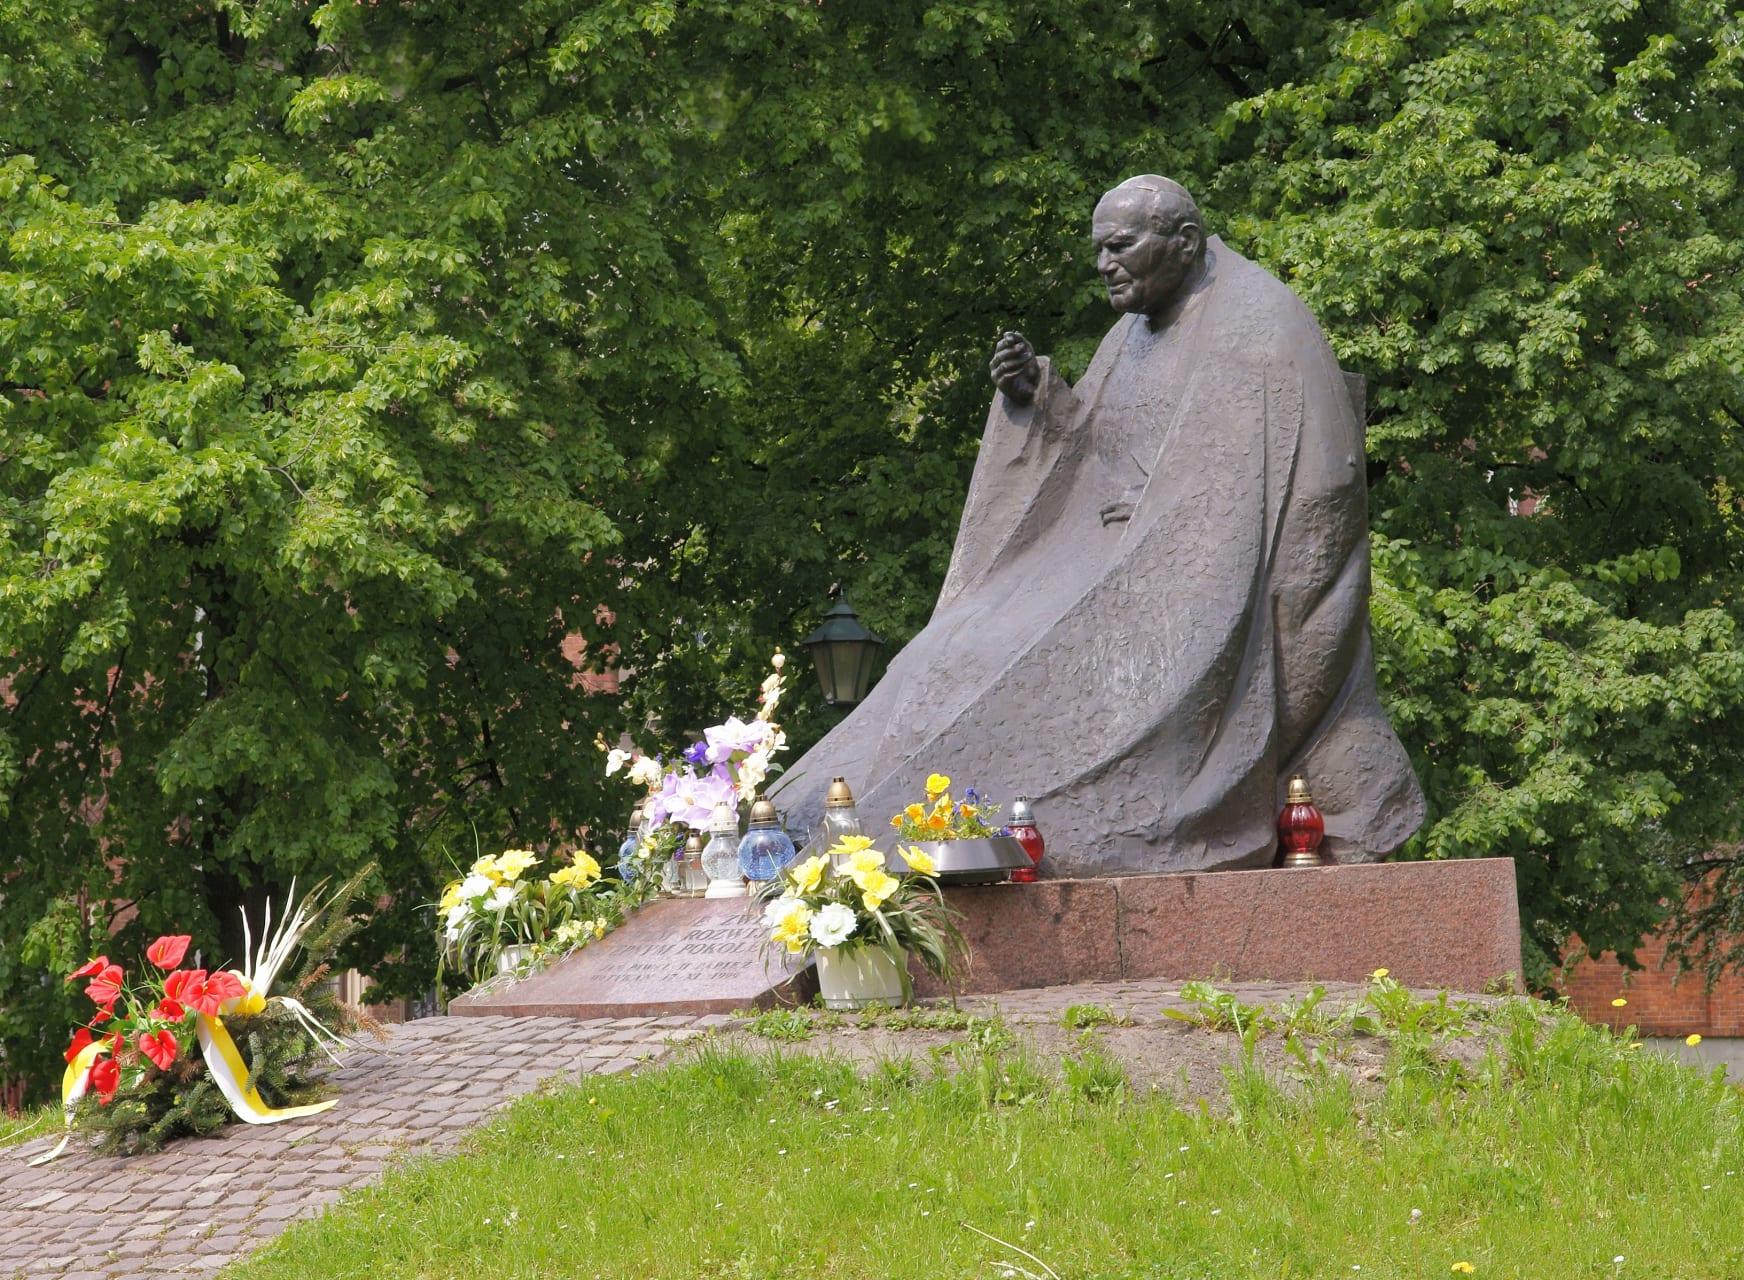 Krakow - Where Did John Paul II Walk In Kraków?